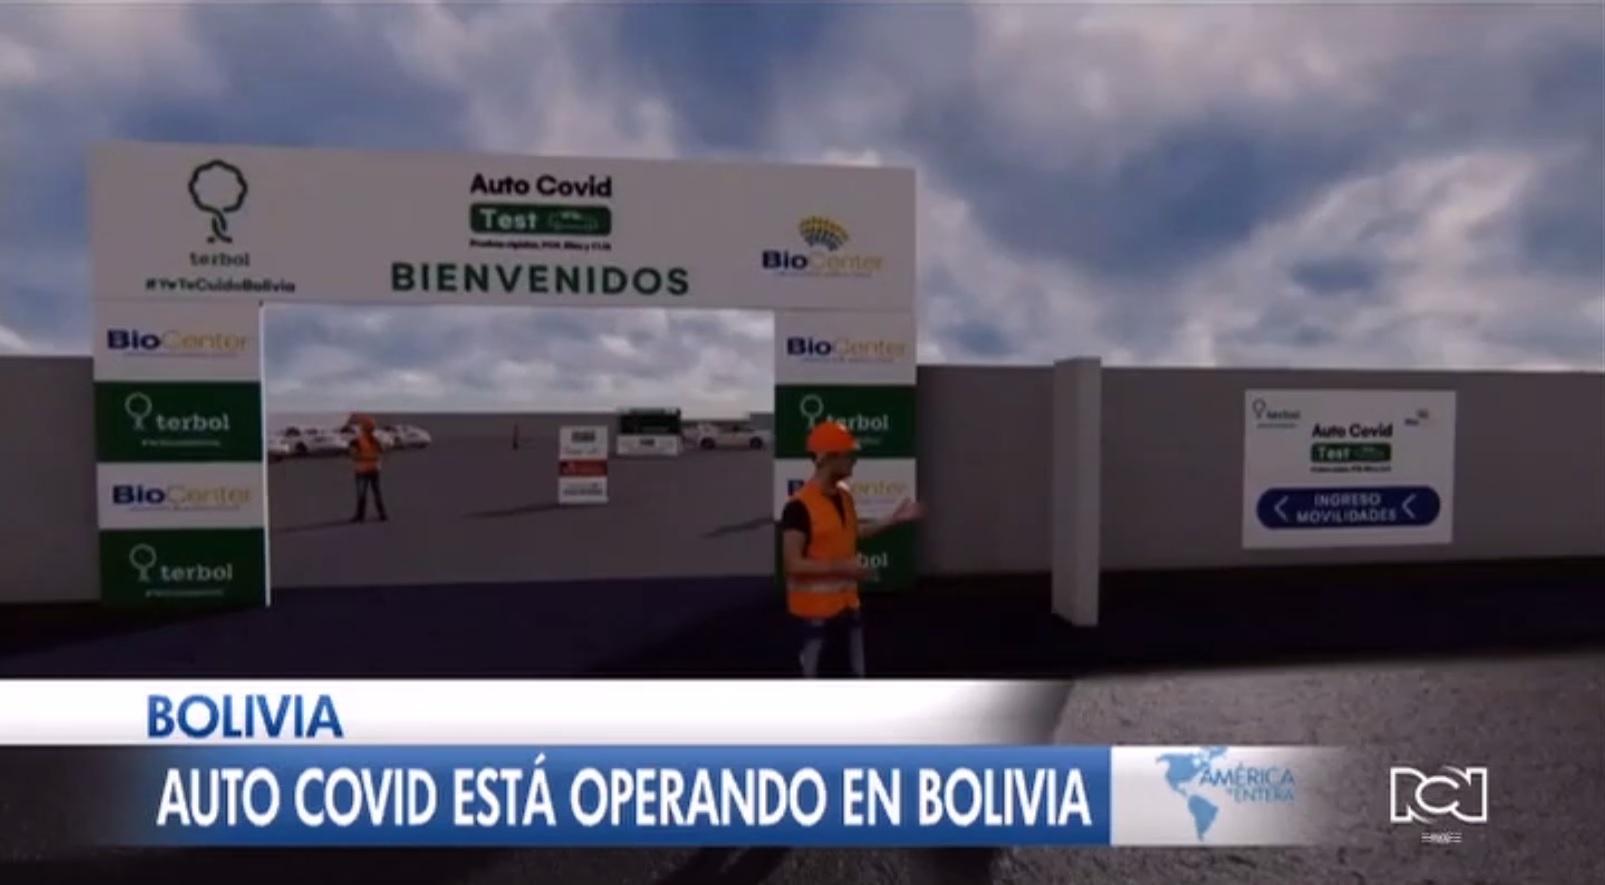 Bolivia inauguró el primer autoservicio para pruebas de Covid-19